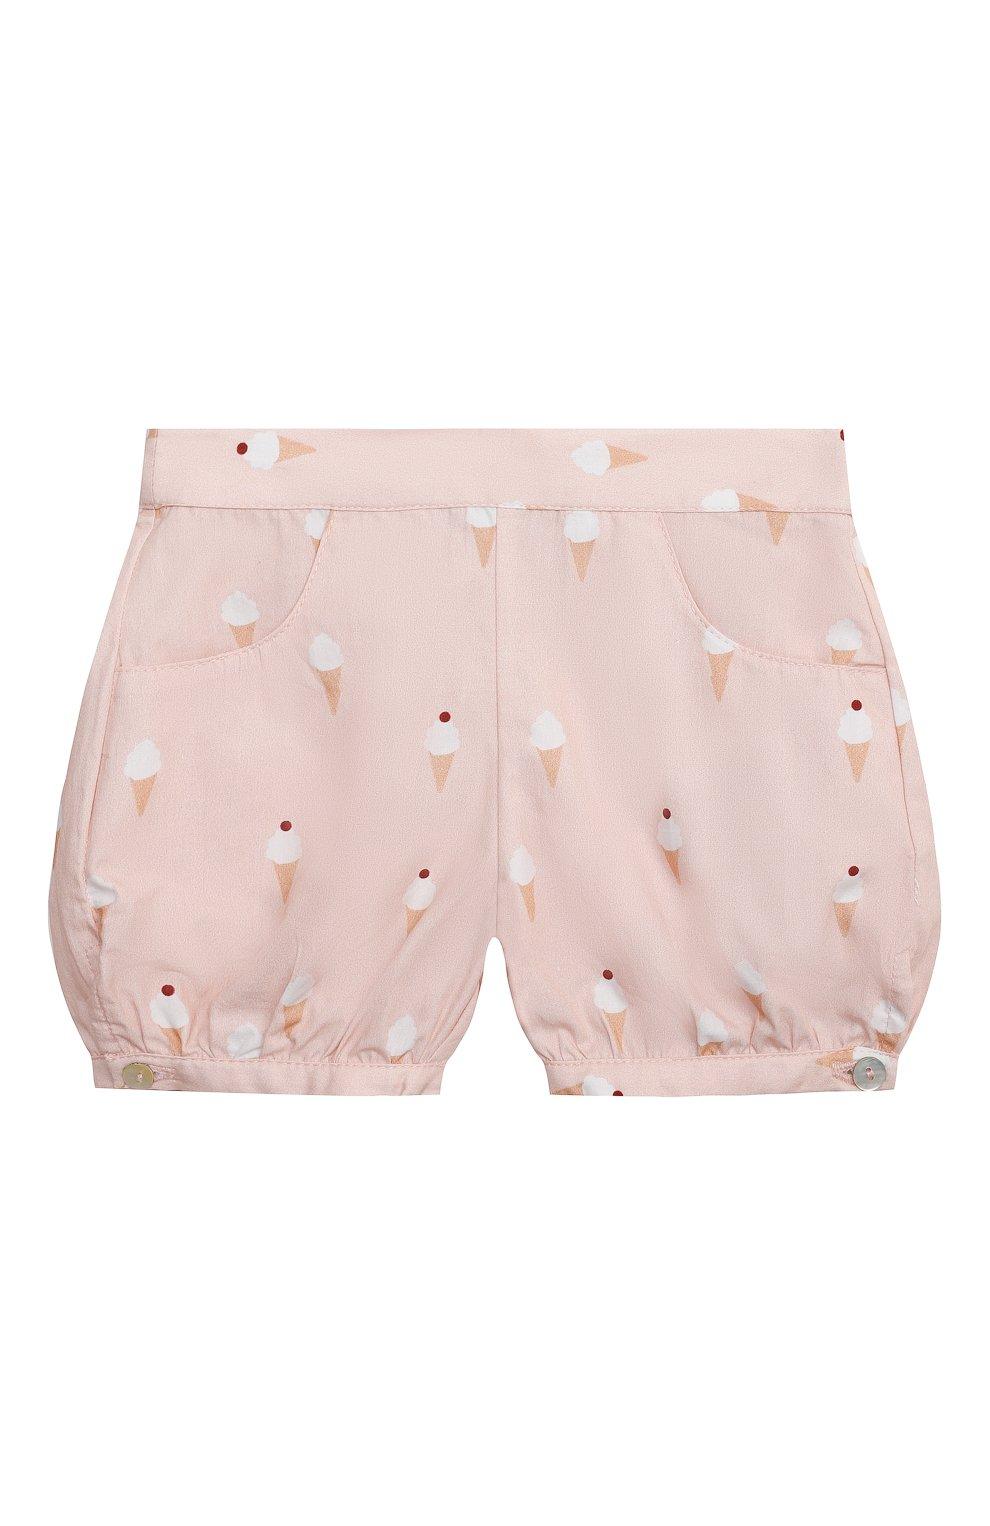 Детские хлопковые шорты LES LUTINS PARIS розового цвета, арт. 21E415/SUZIE | Фото 1 (Материал внешний: Хлопок; Ростовка одежда: 9 мес | 74 см, 18 мес | 86 см, 24 мес | 92 см, 3 мес | 62 см, 6 мес | 68 см)